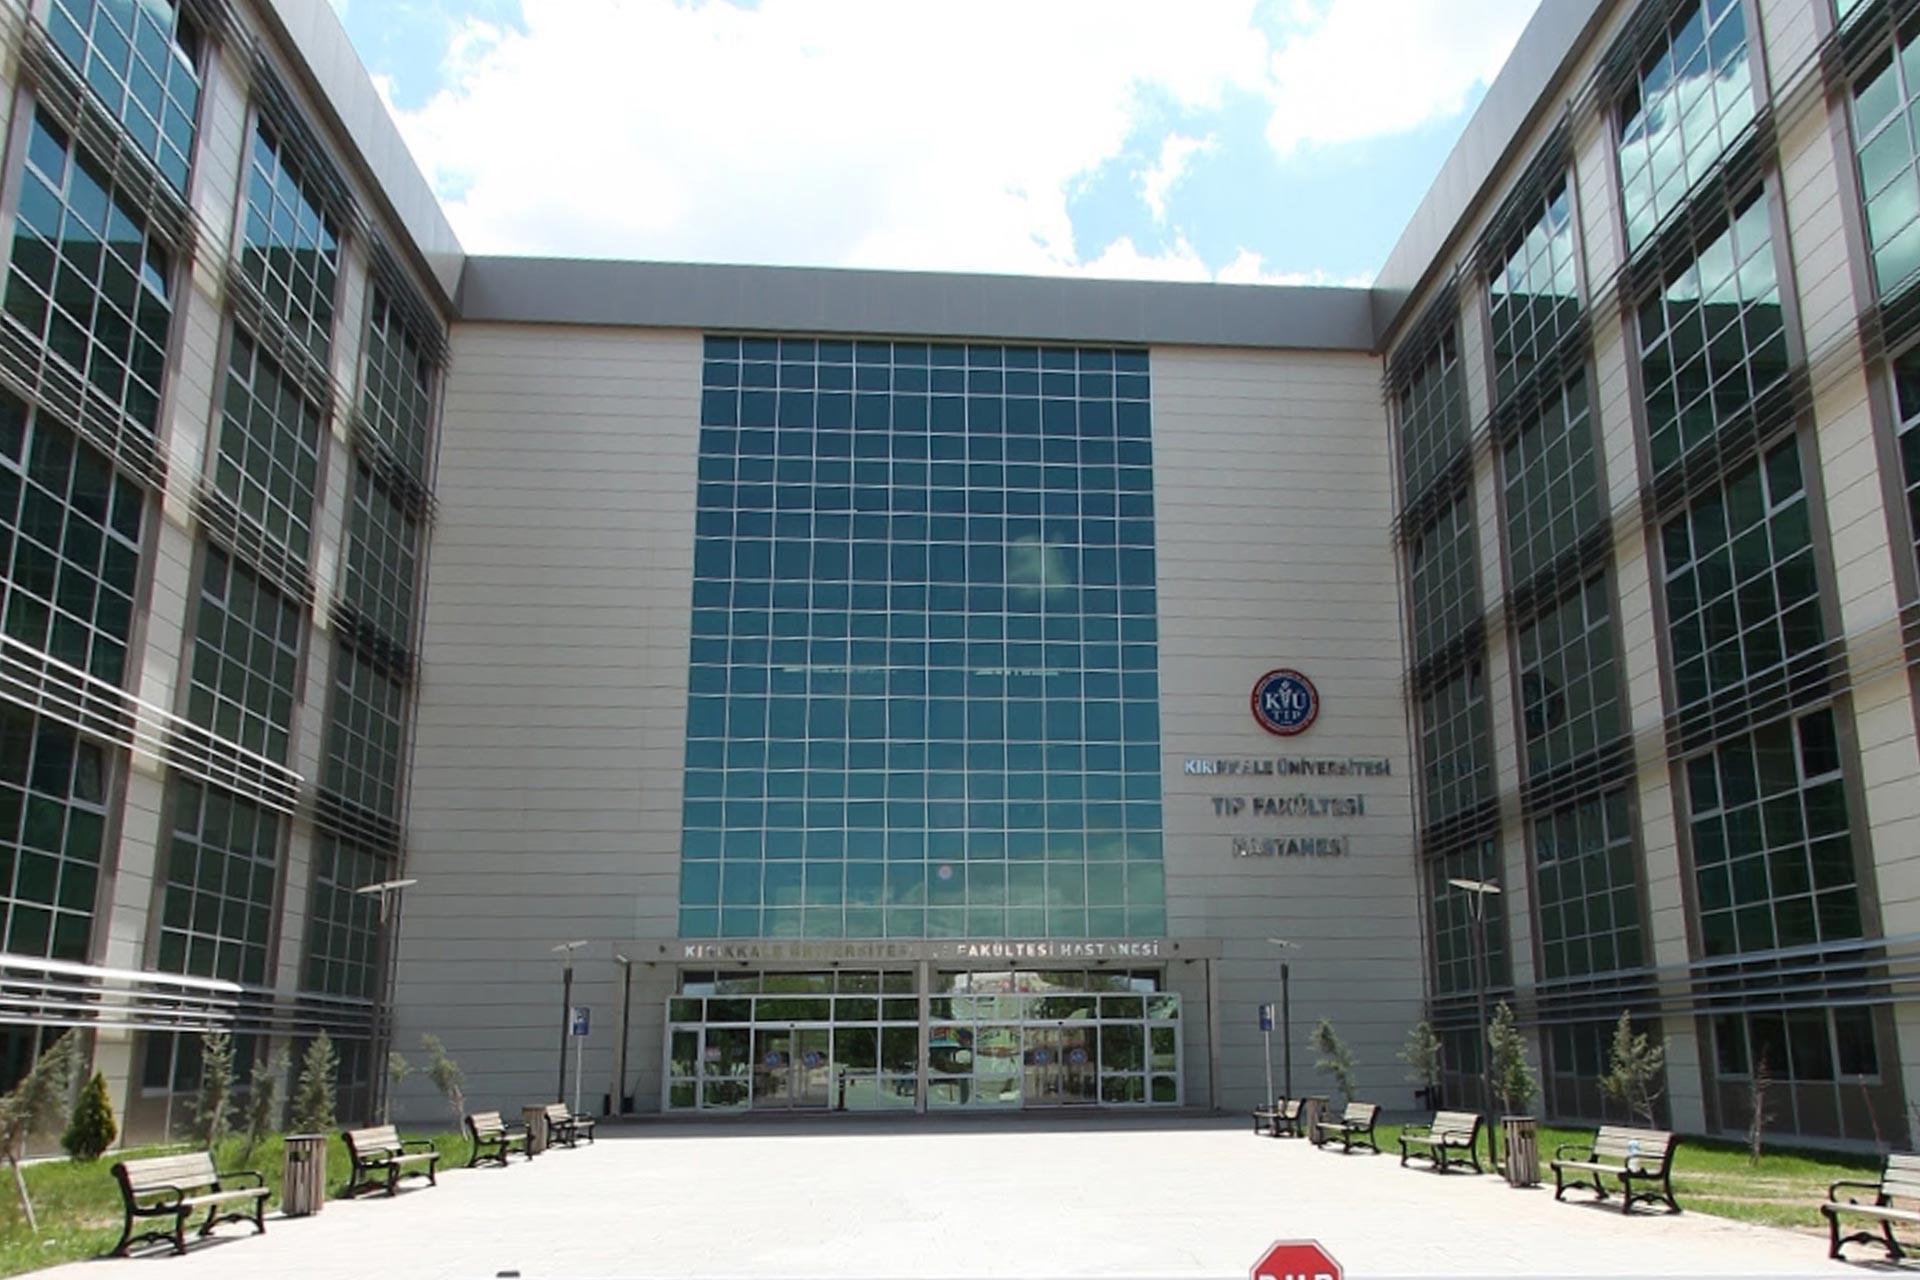 Kırıkkale Üniversitesi Tıp Fakültesi Hastanesi binasının dıştan görünümü